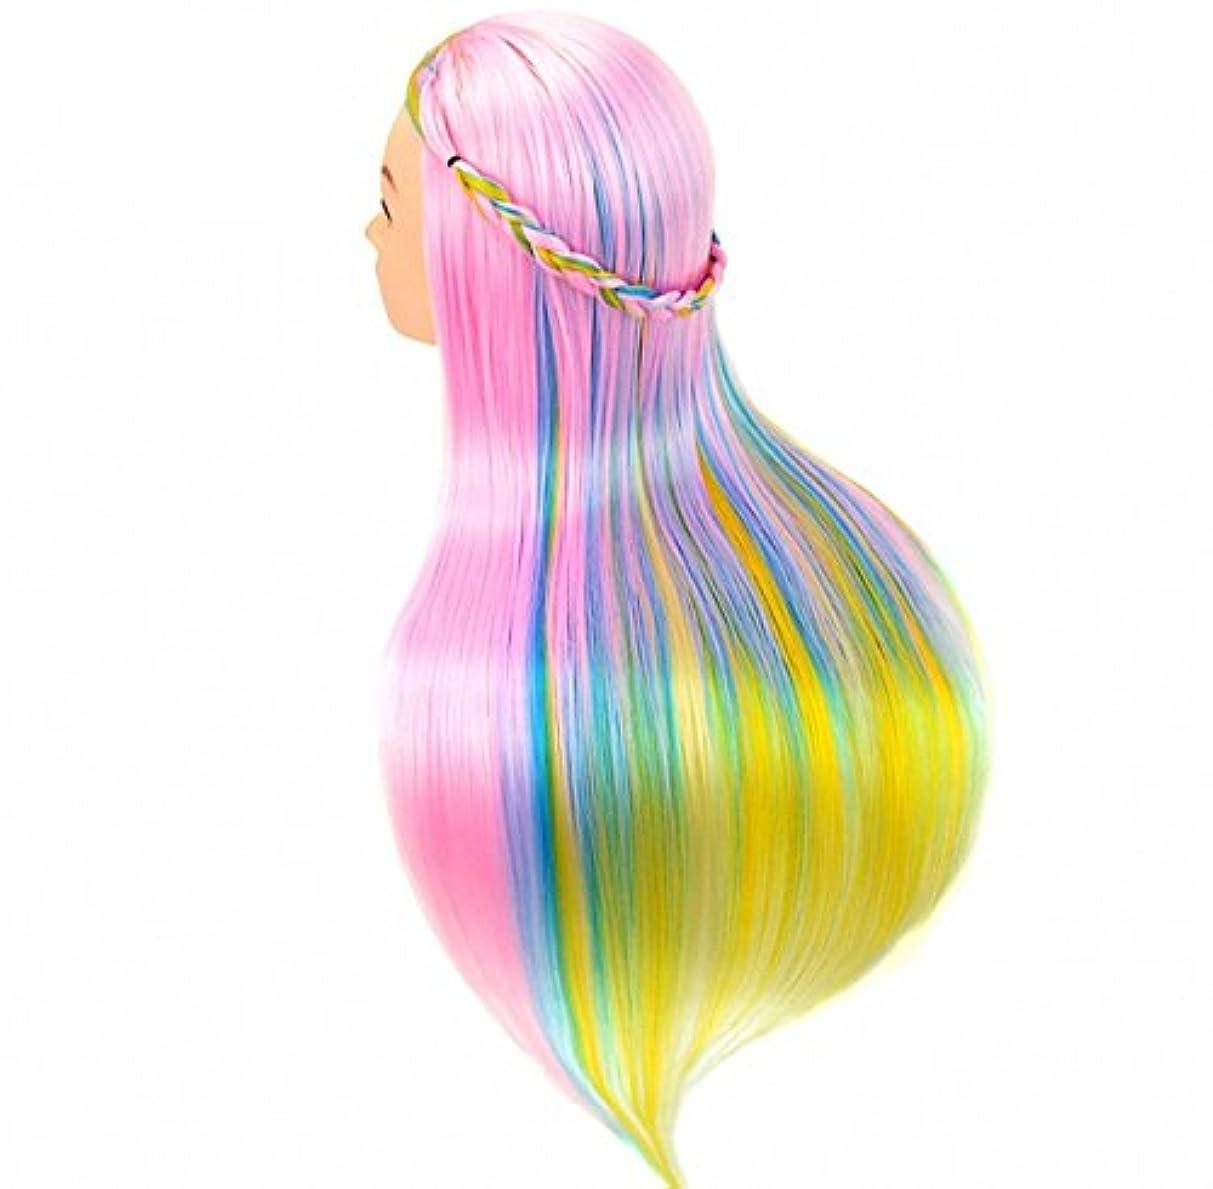 [Perfehair] 人工毛100%のサロン練習用マネキンヘッド(24インチ)–レインボーカラー-